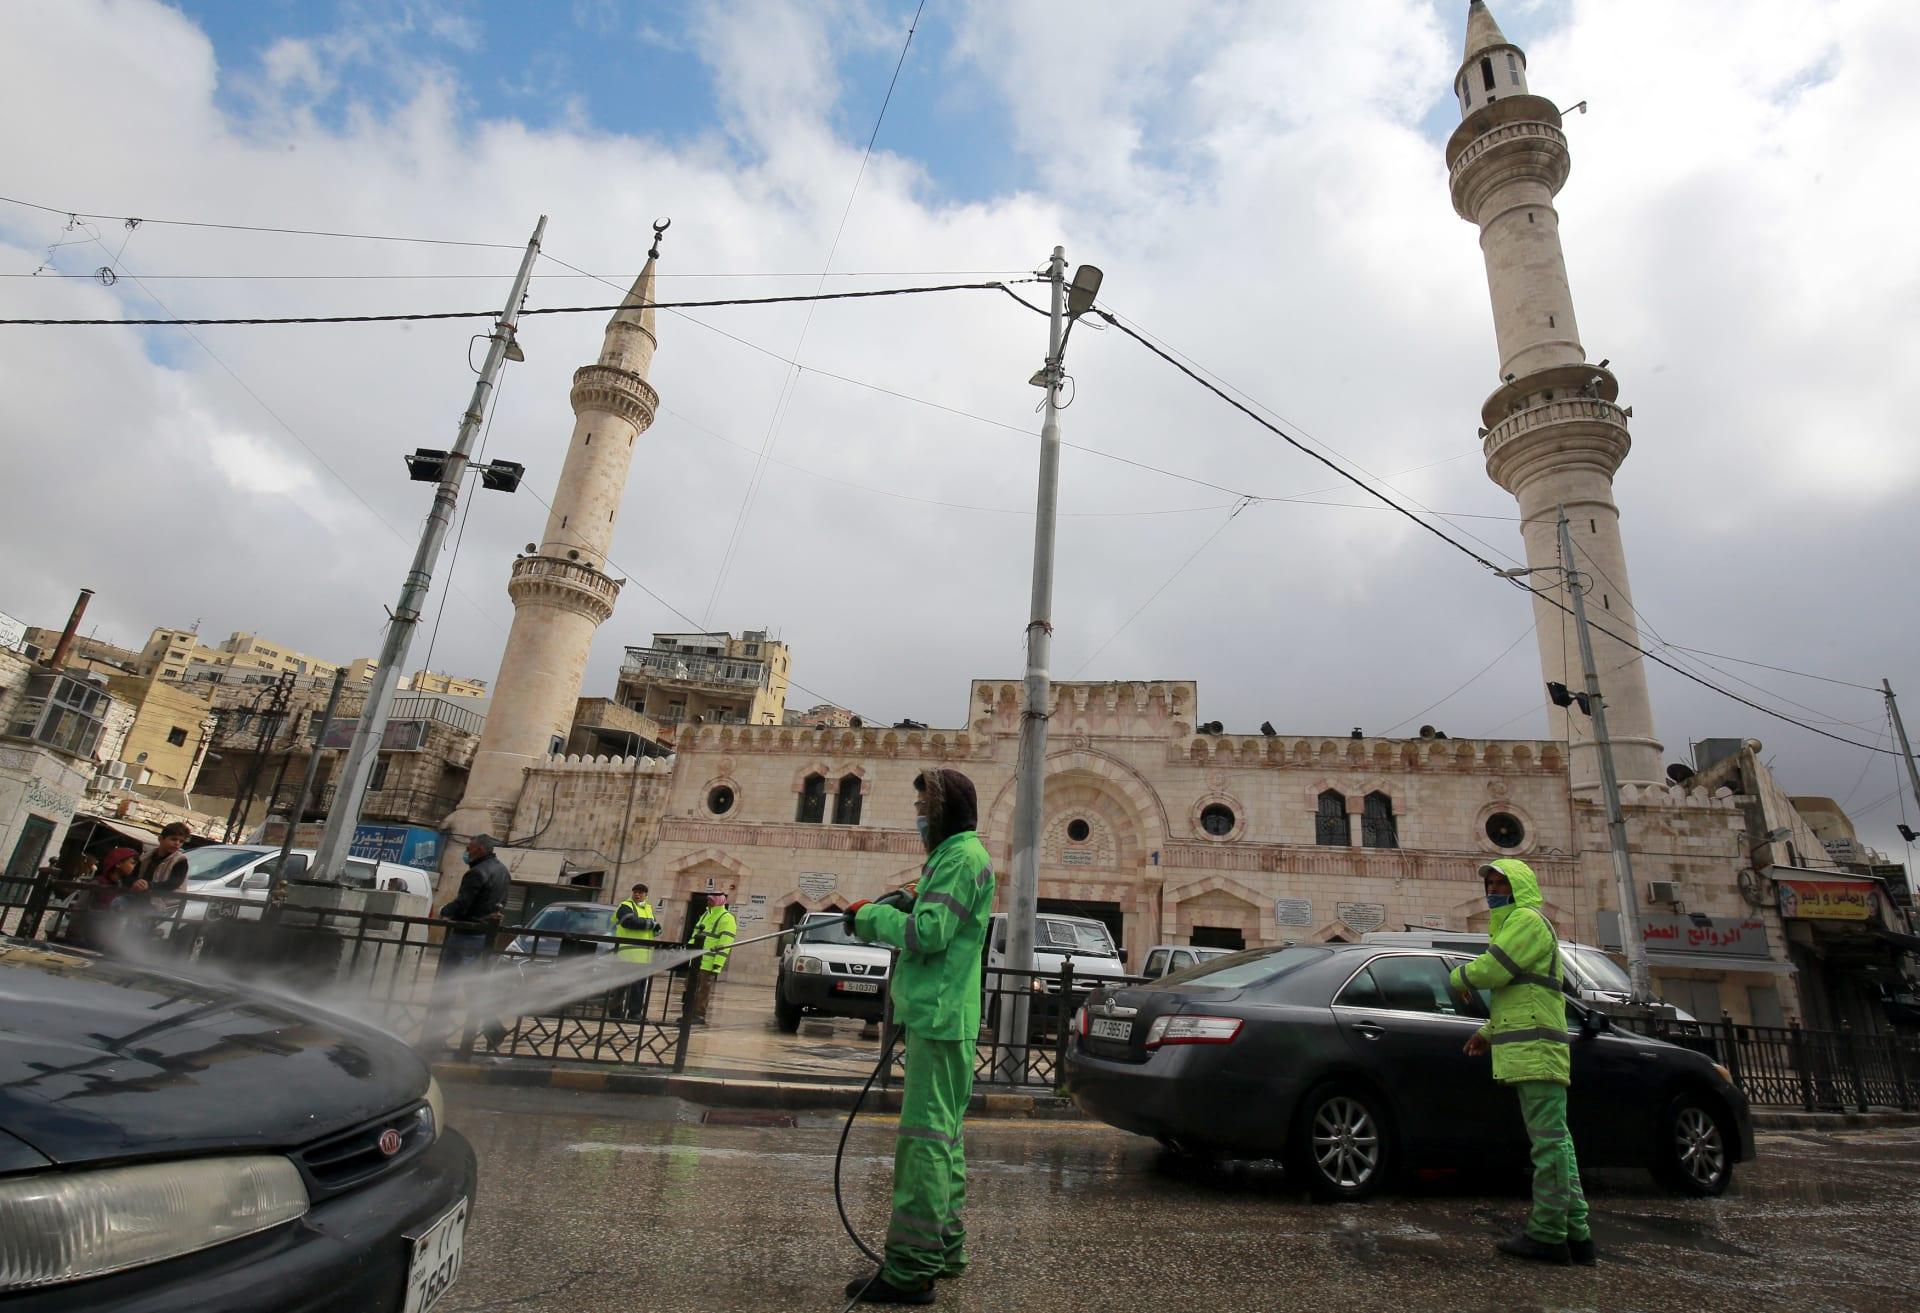 عمال يقومون بتعقيم السيارات في العاصمة الأردنية عمان بعد انتشار فيروس كورونا المستجد